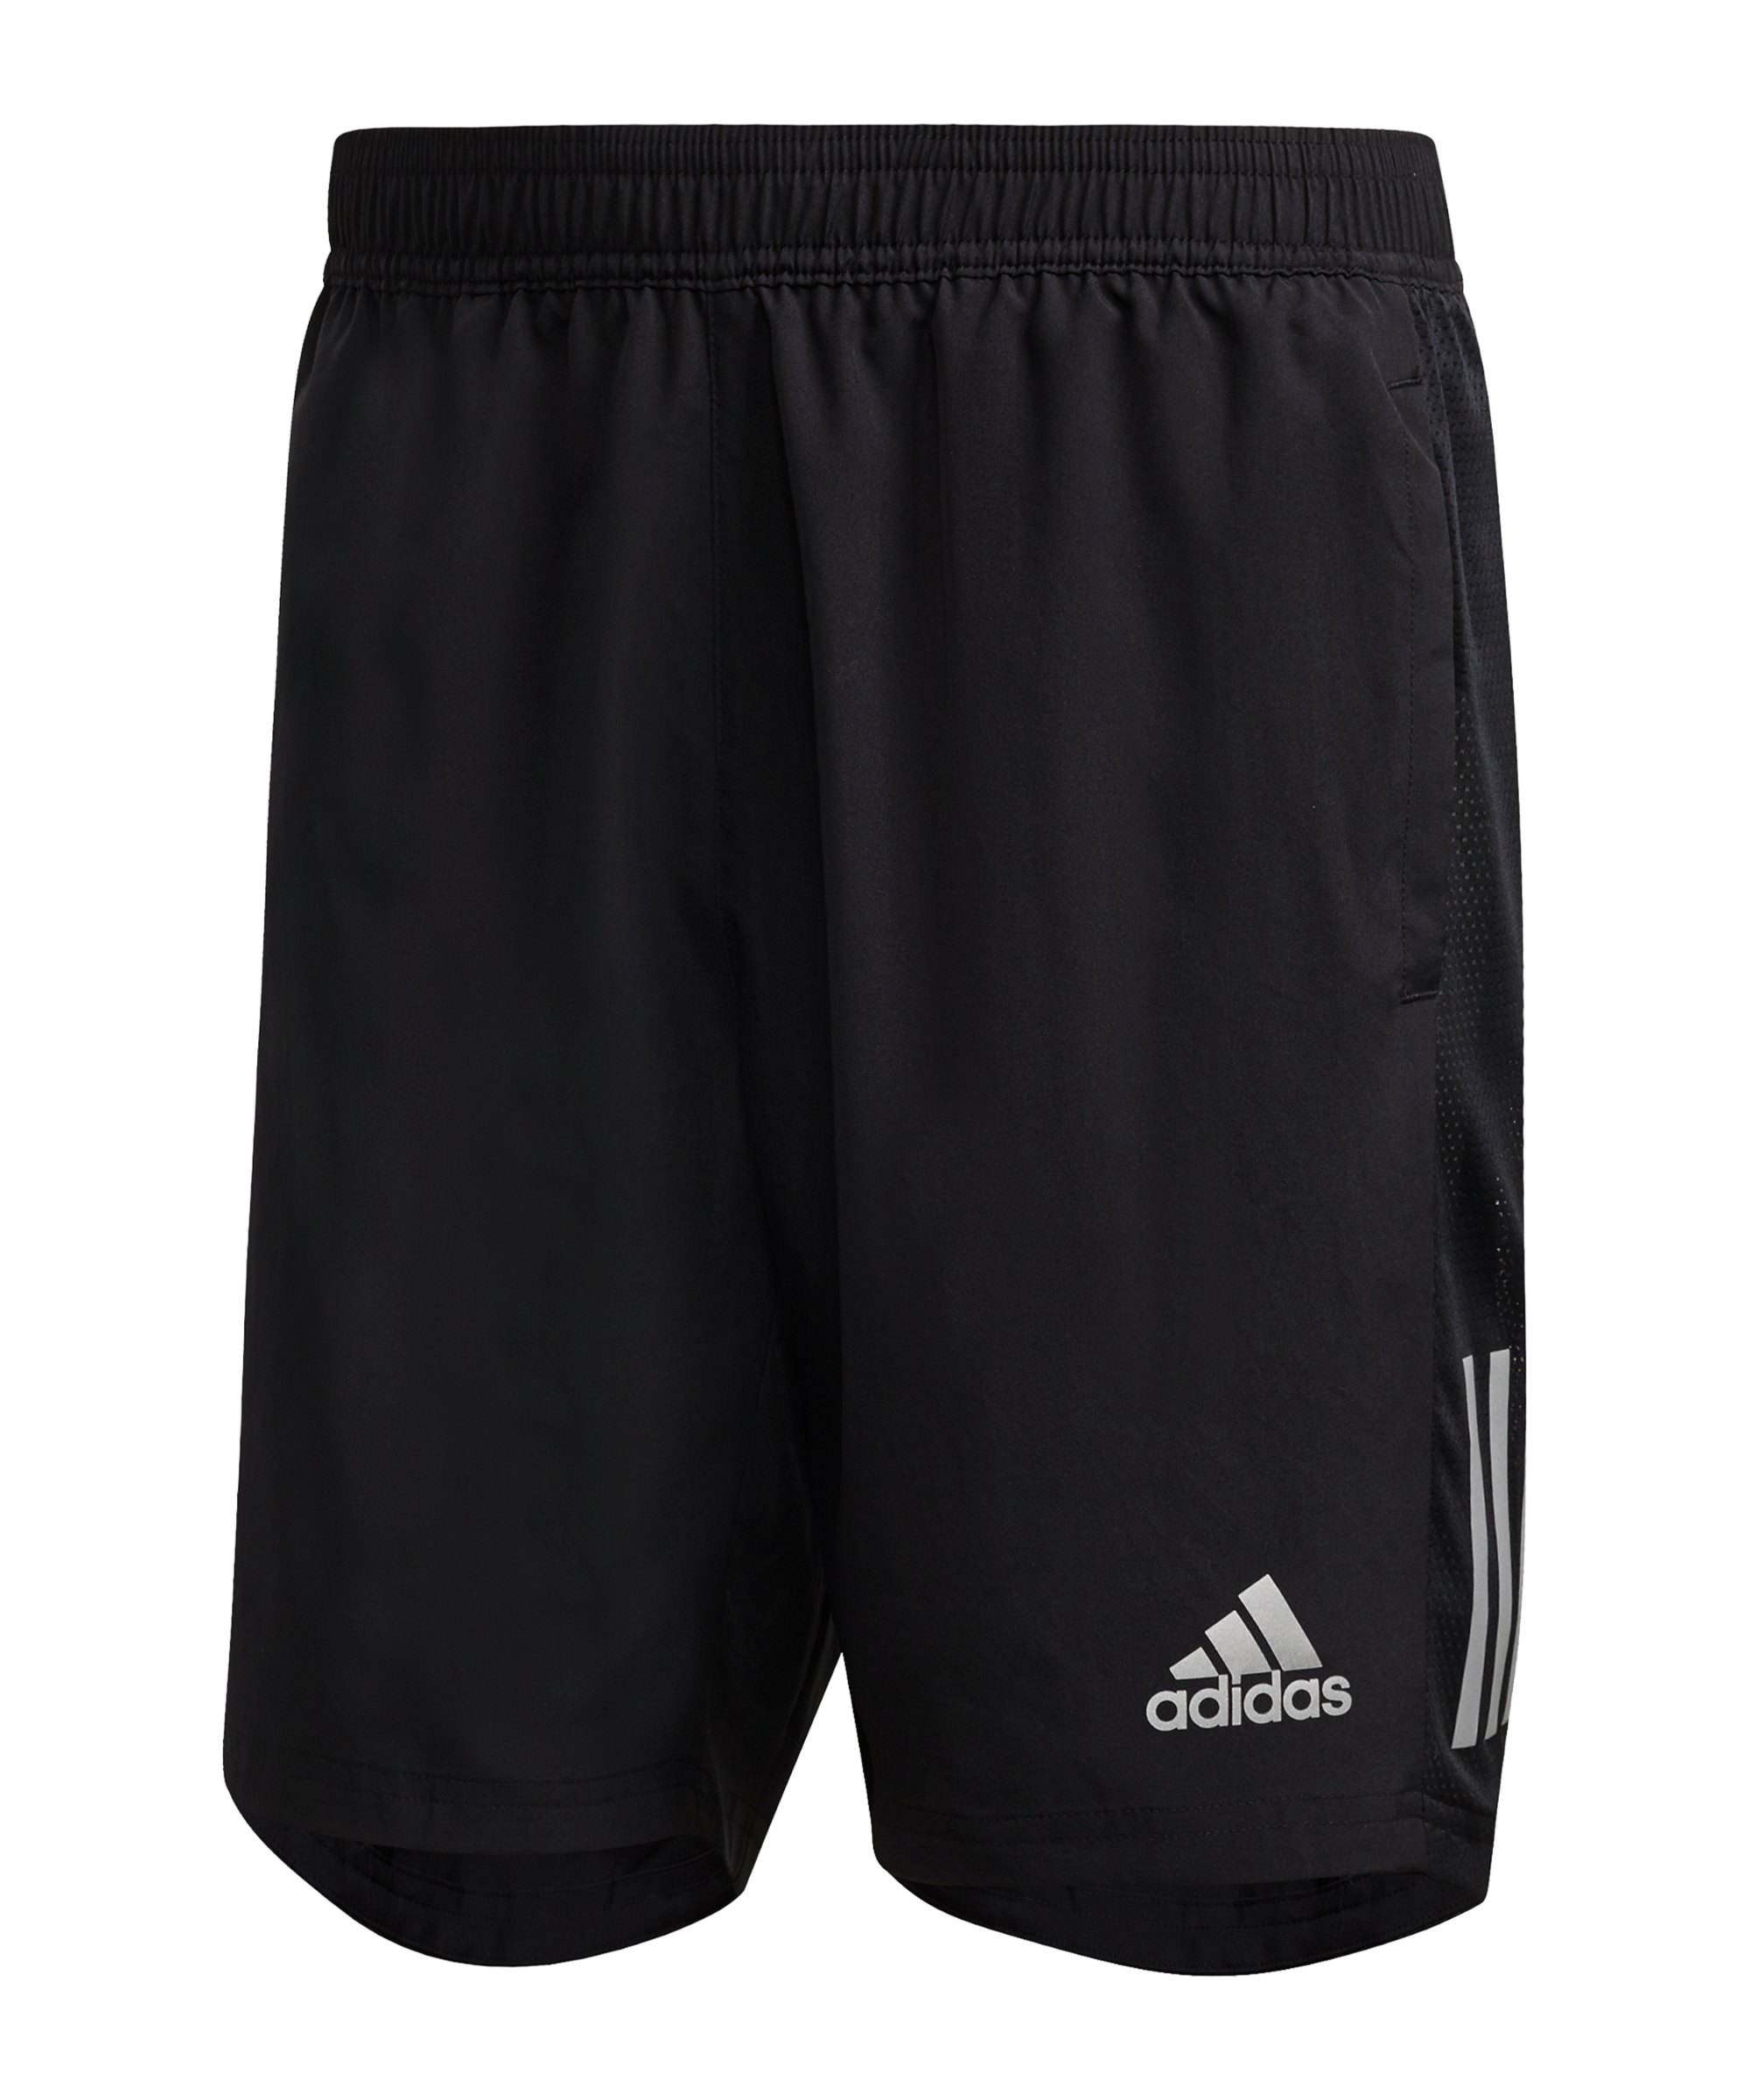 adidas Own The Run Short Schwarz - schwarz